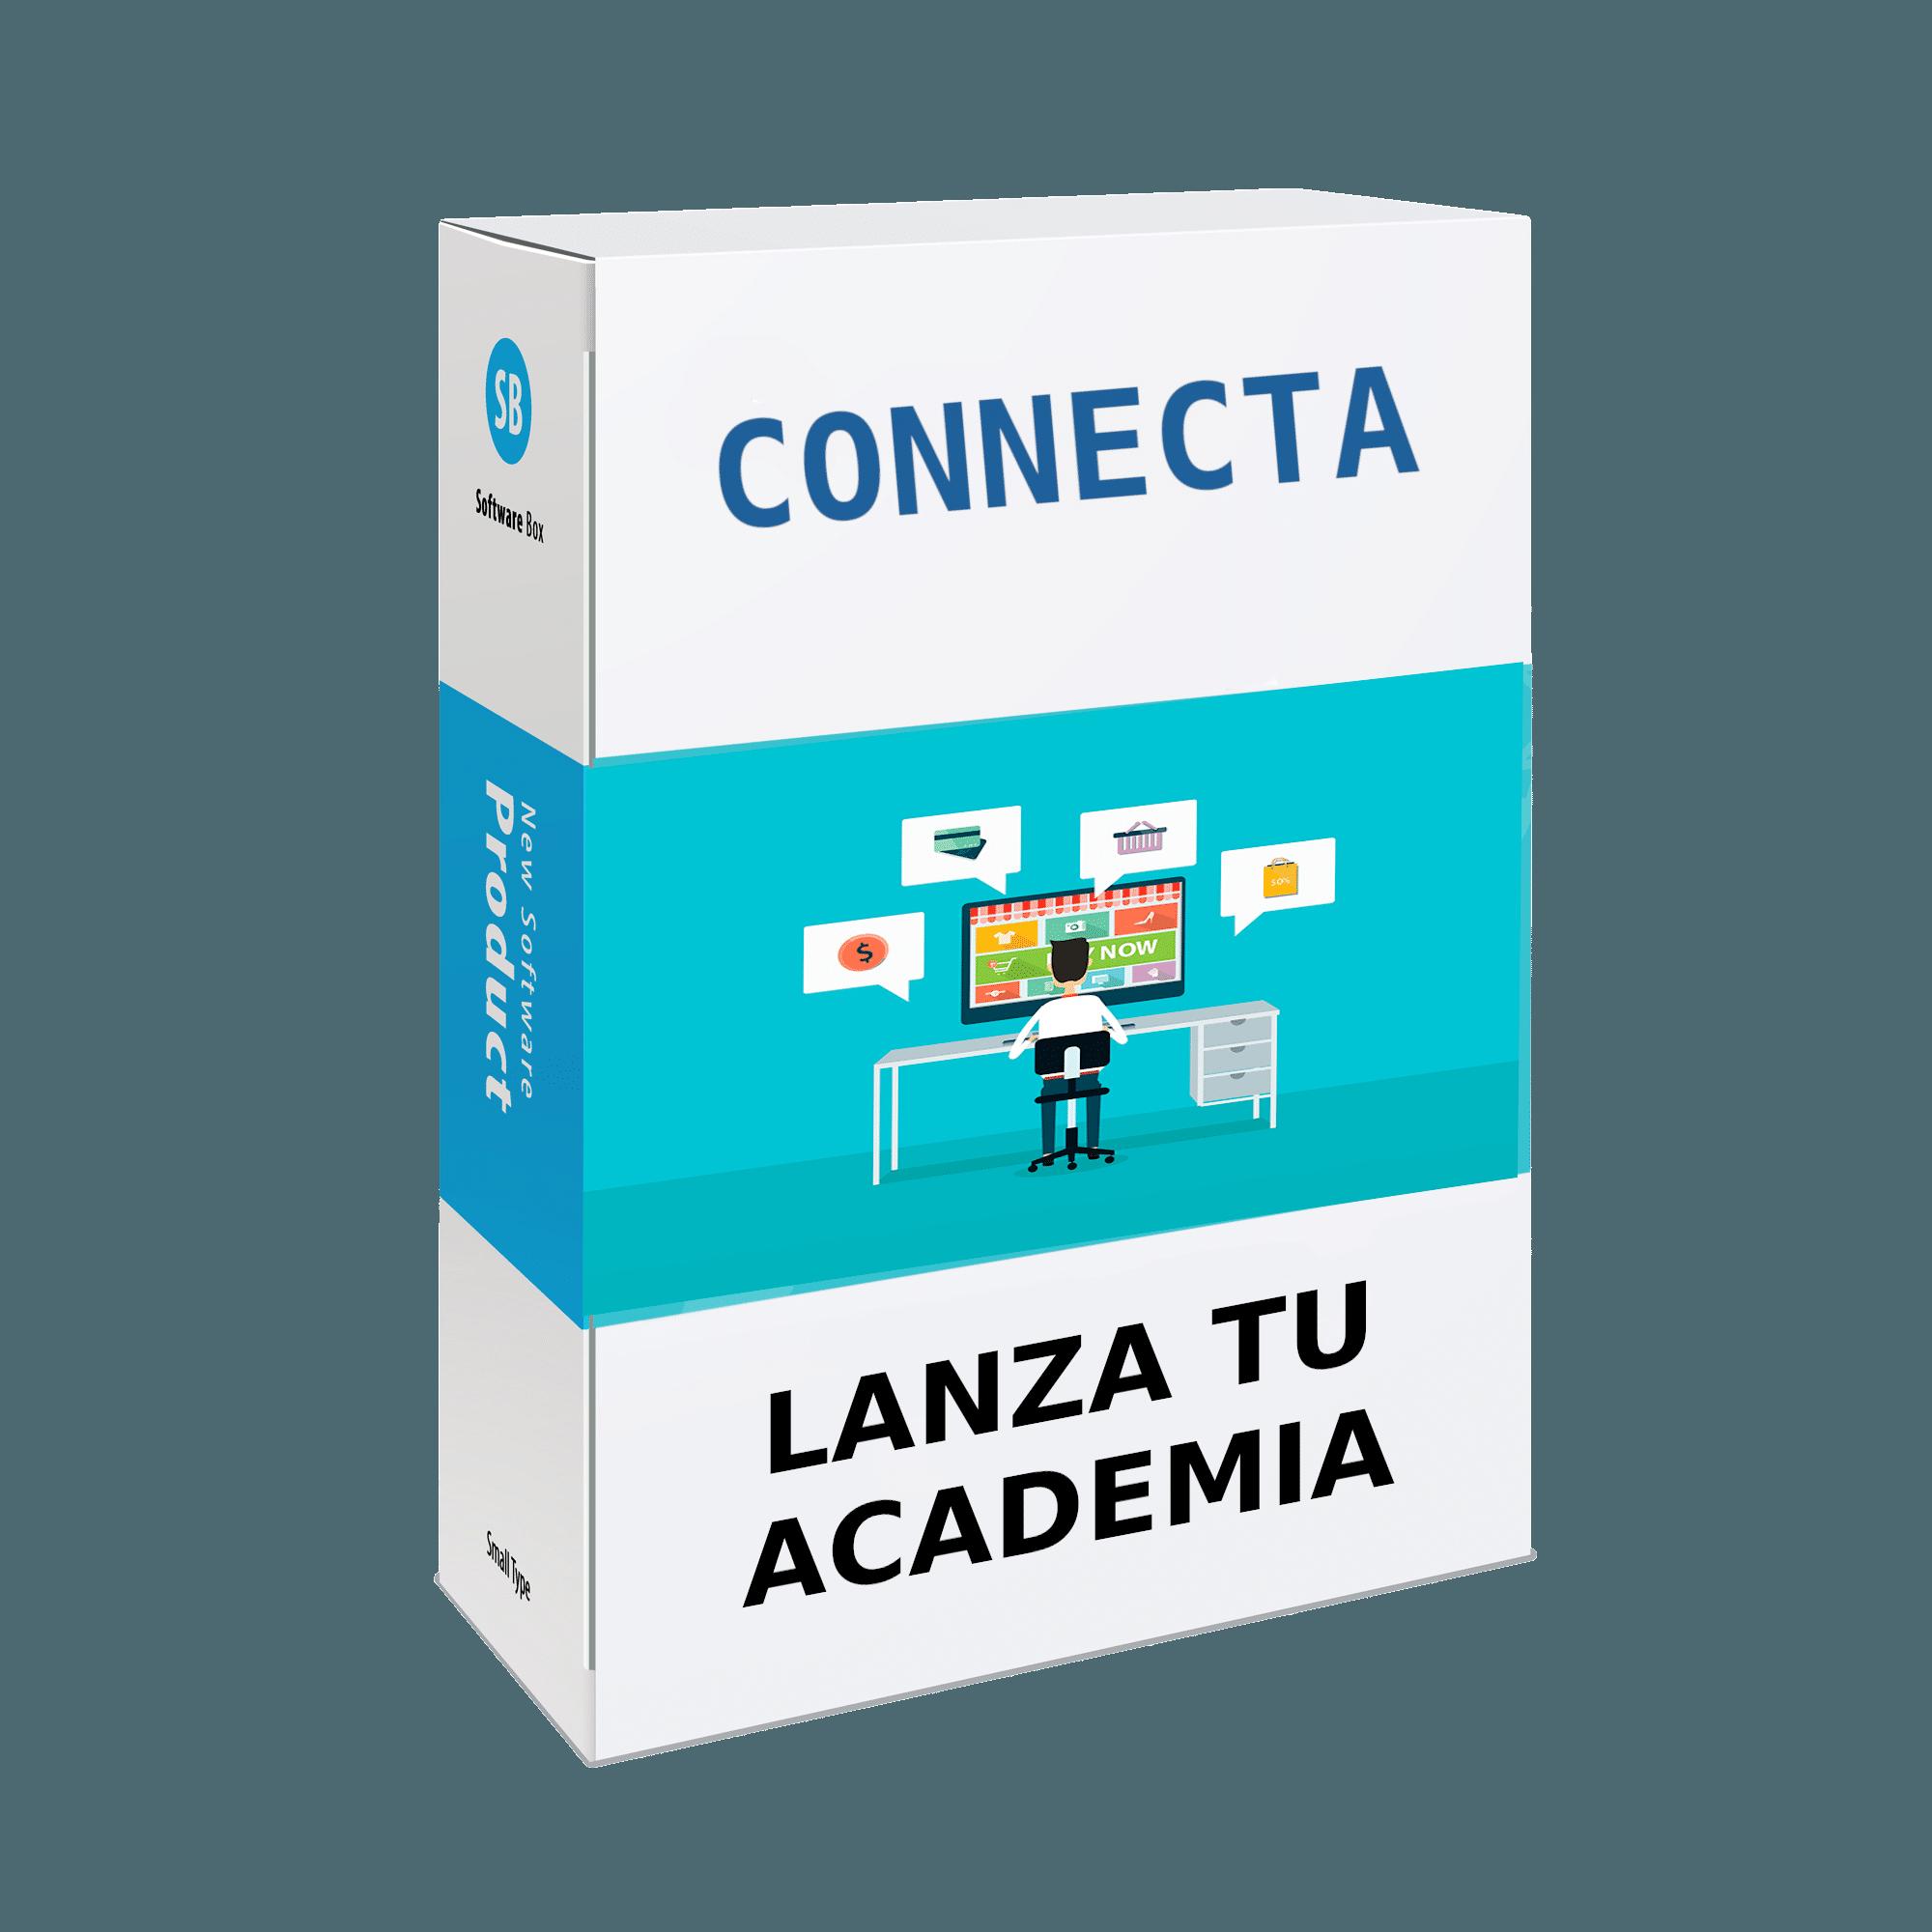 CONNECTA Academa Online